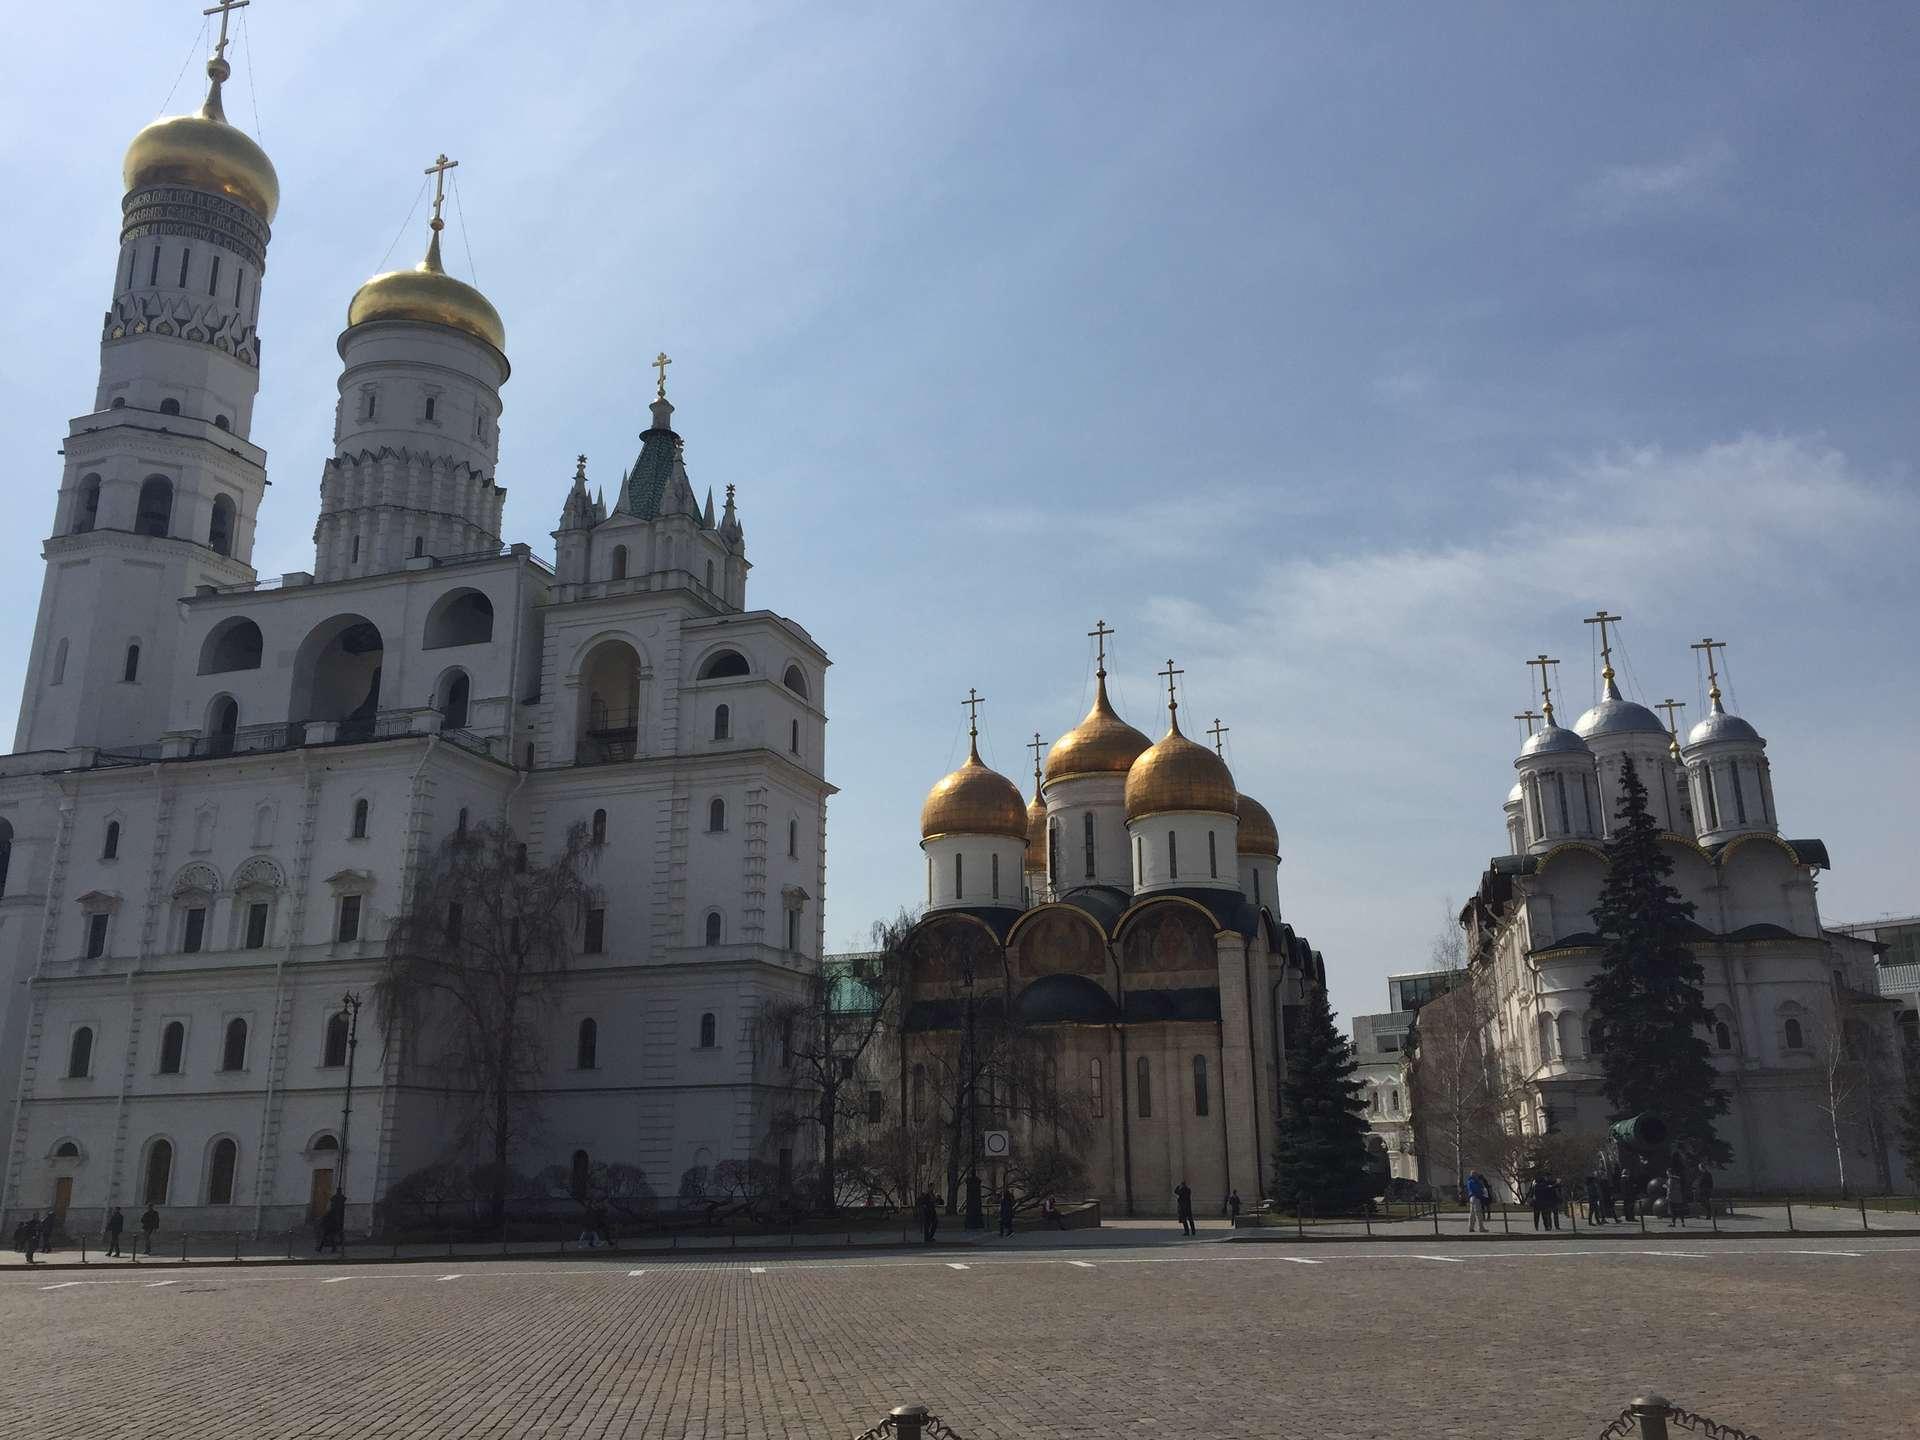 Rusland, Moskou, Kremlin